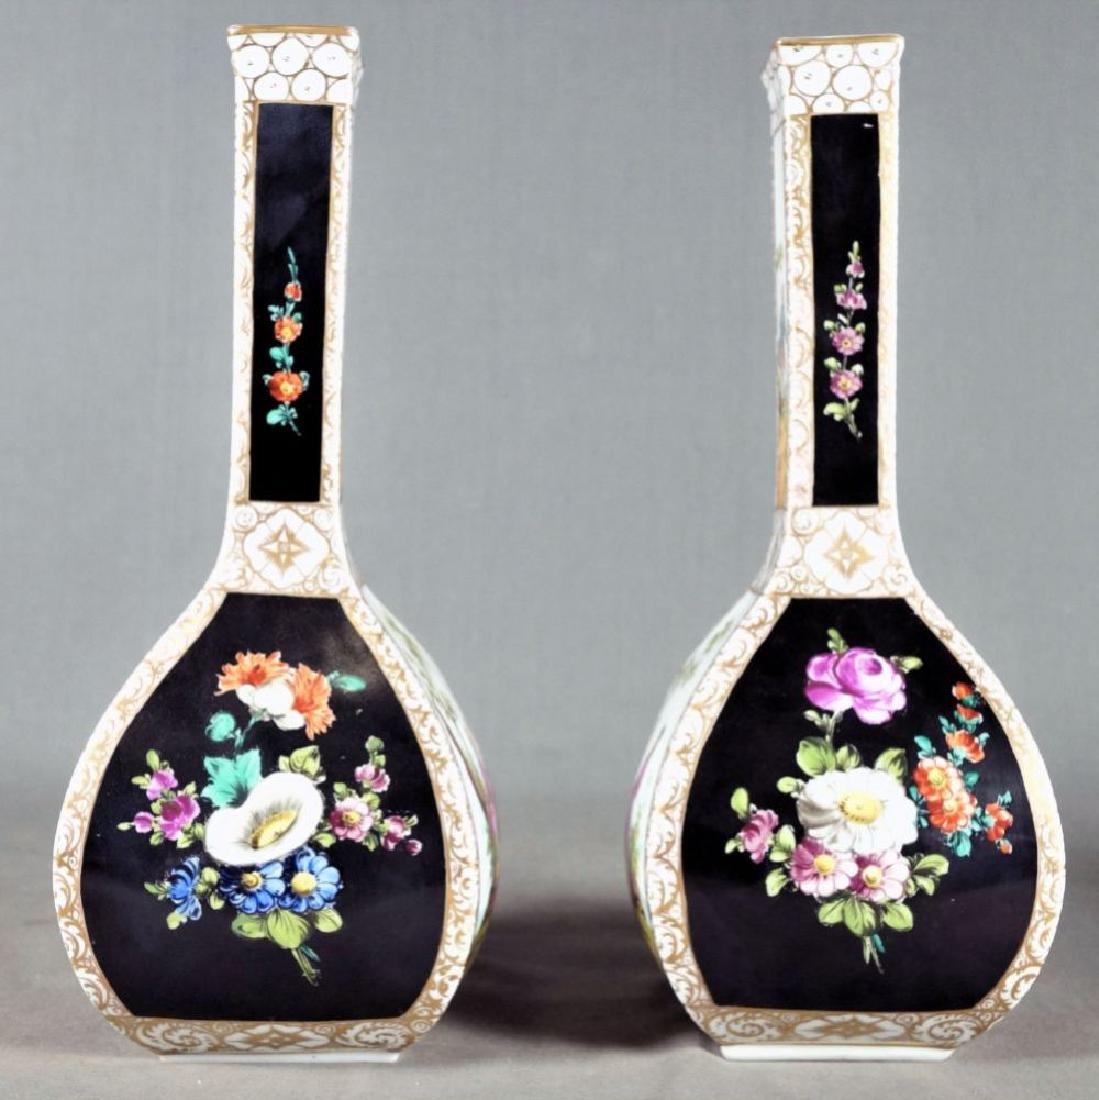 Pair Of Dresden Porcelain Vases - 2